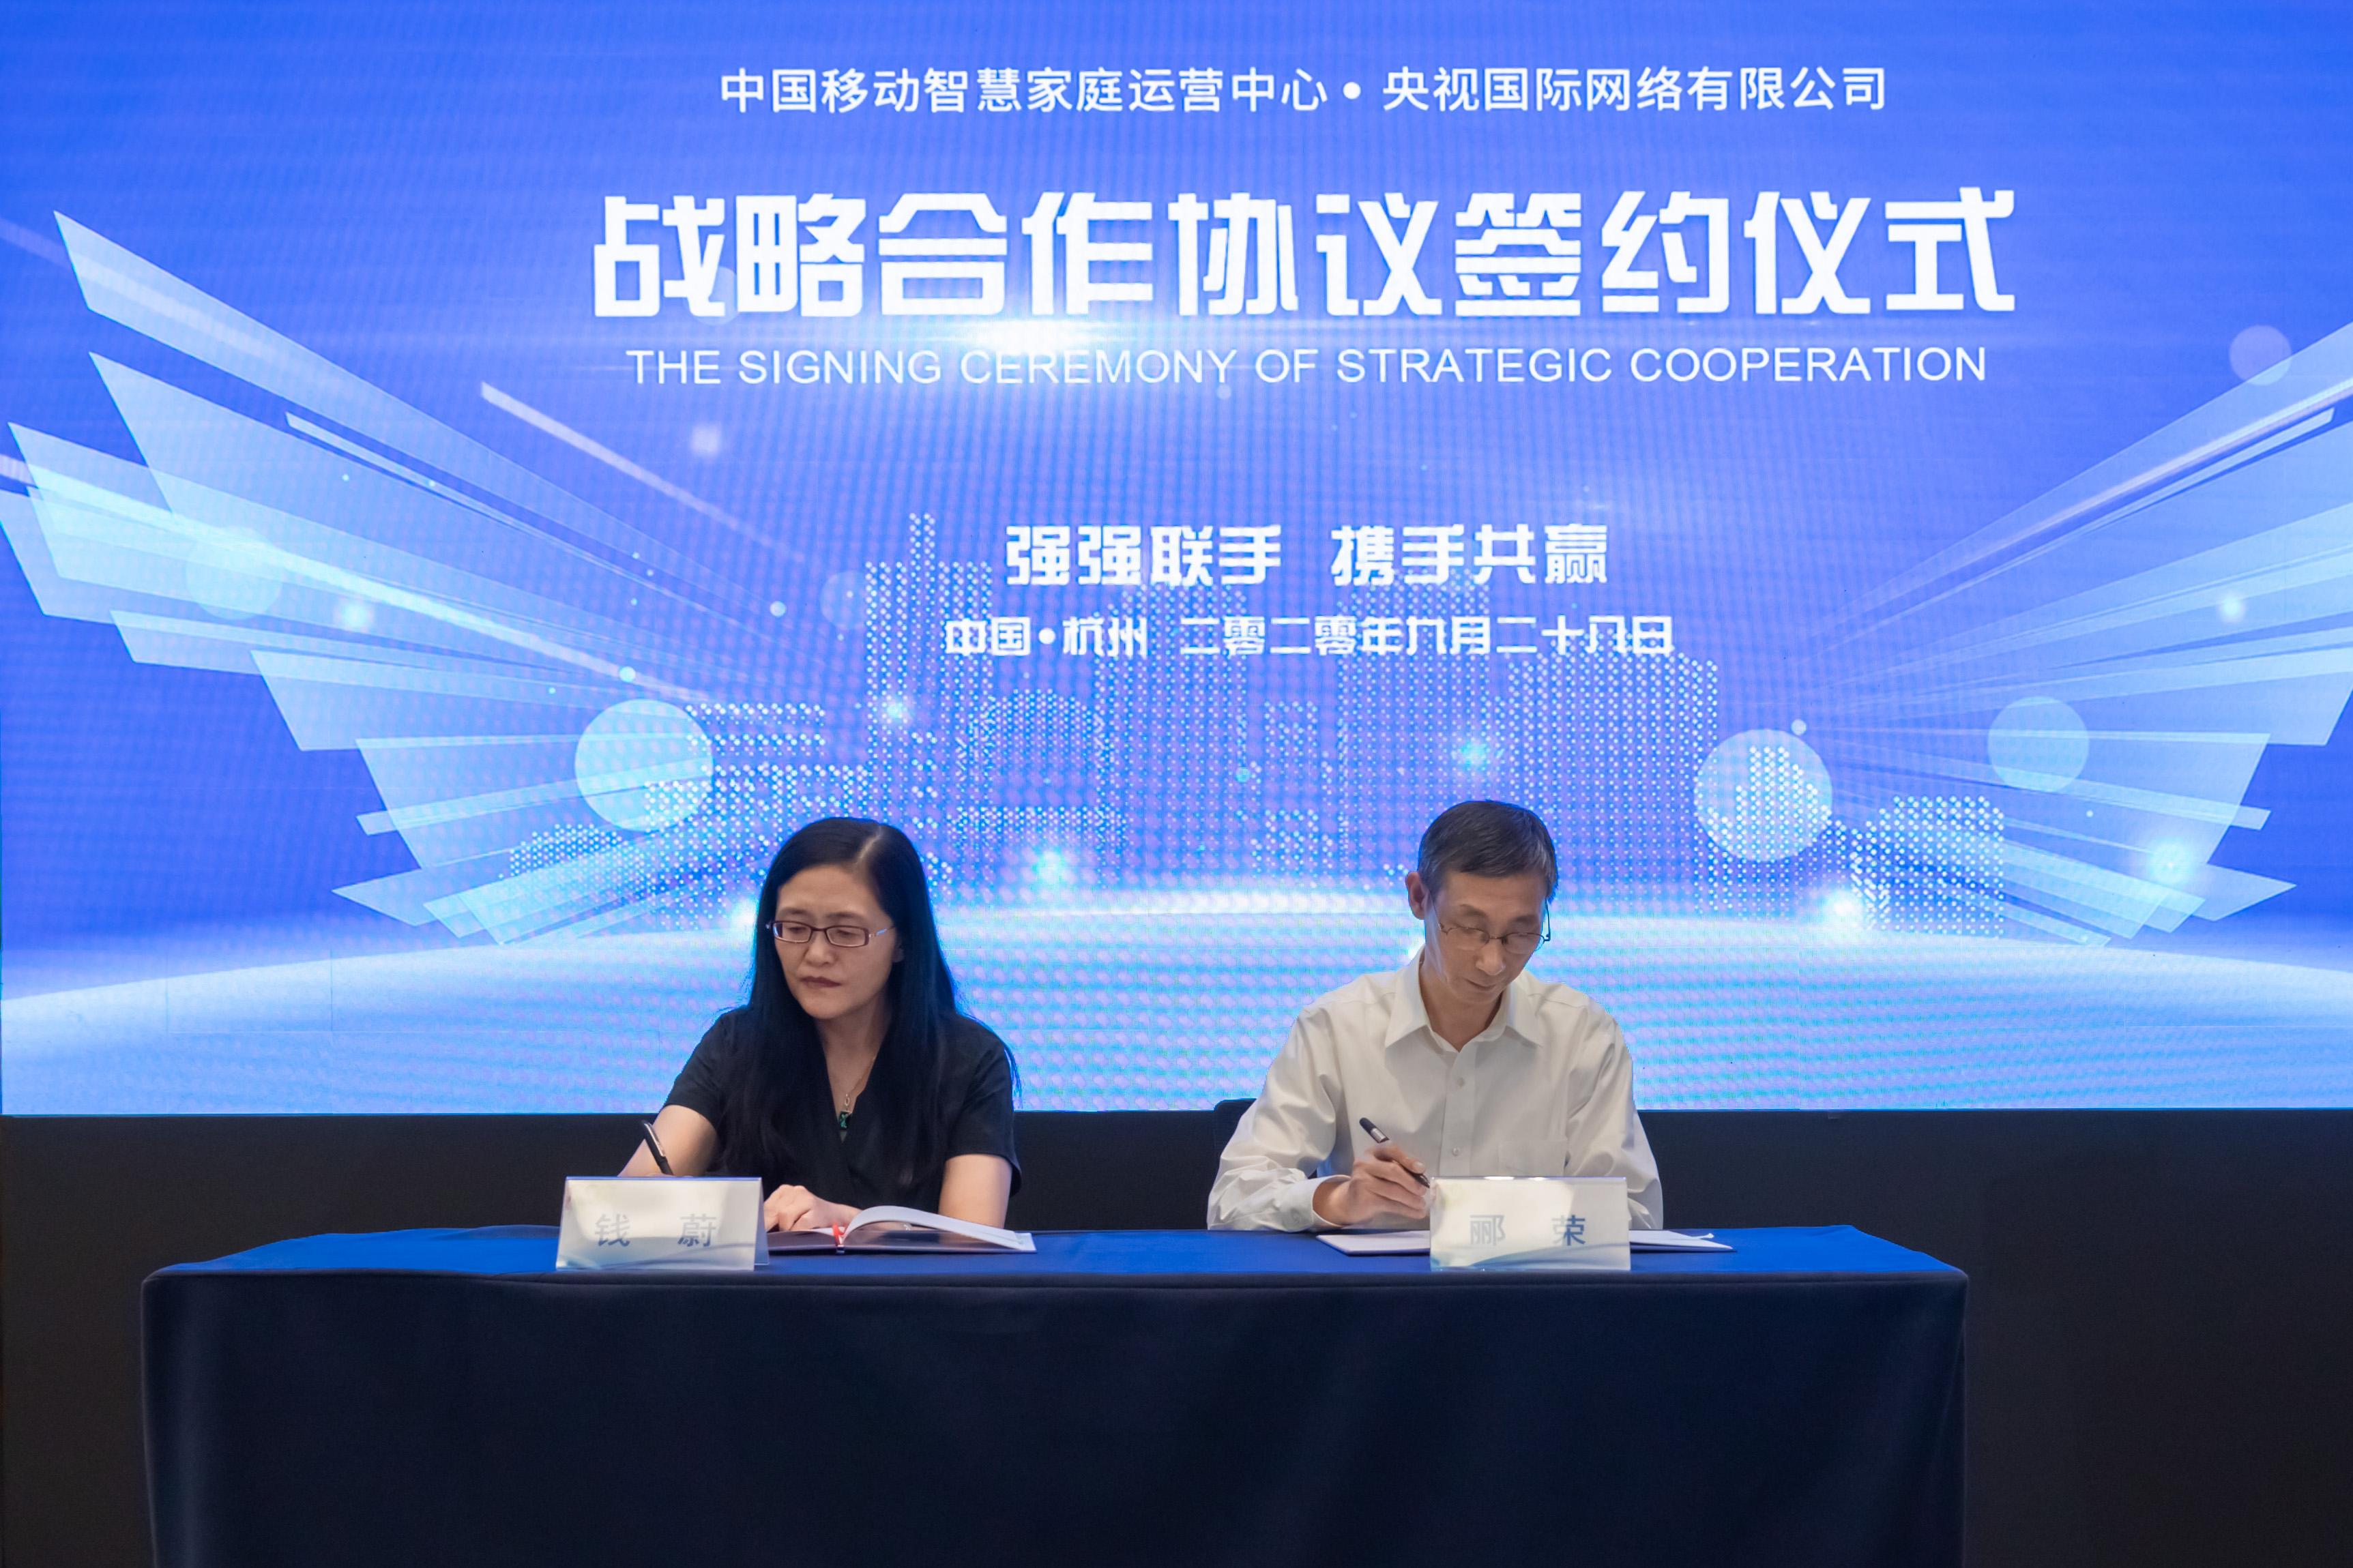 央视网与中国移动智慧家庭运营中心达成战略合作,共同拓展智慧家庭市场